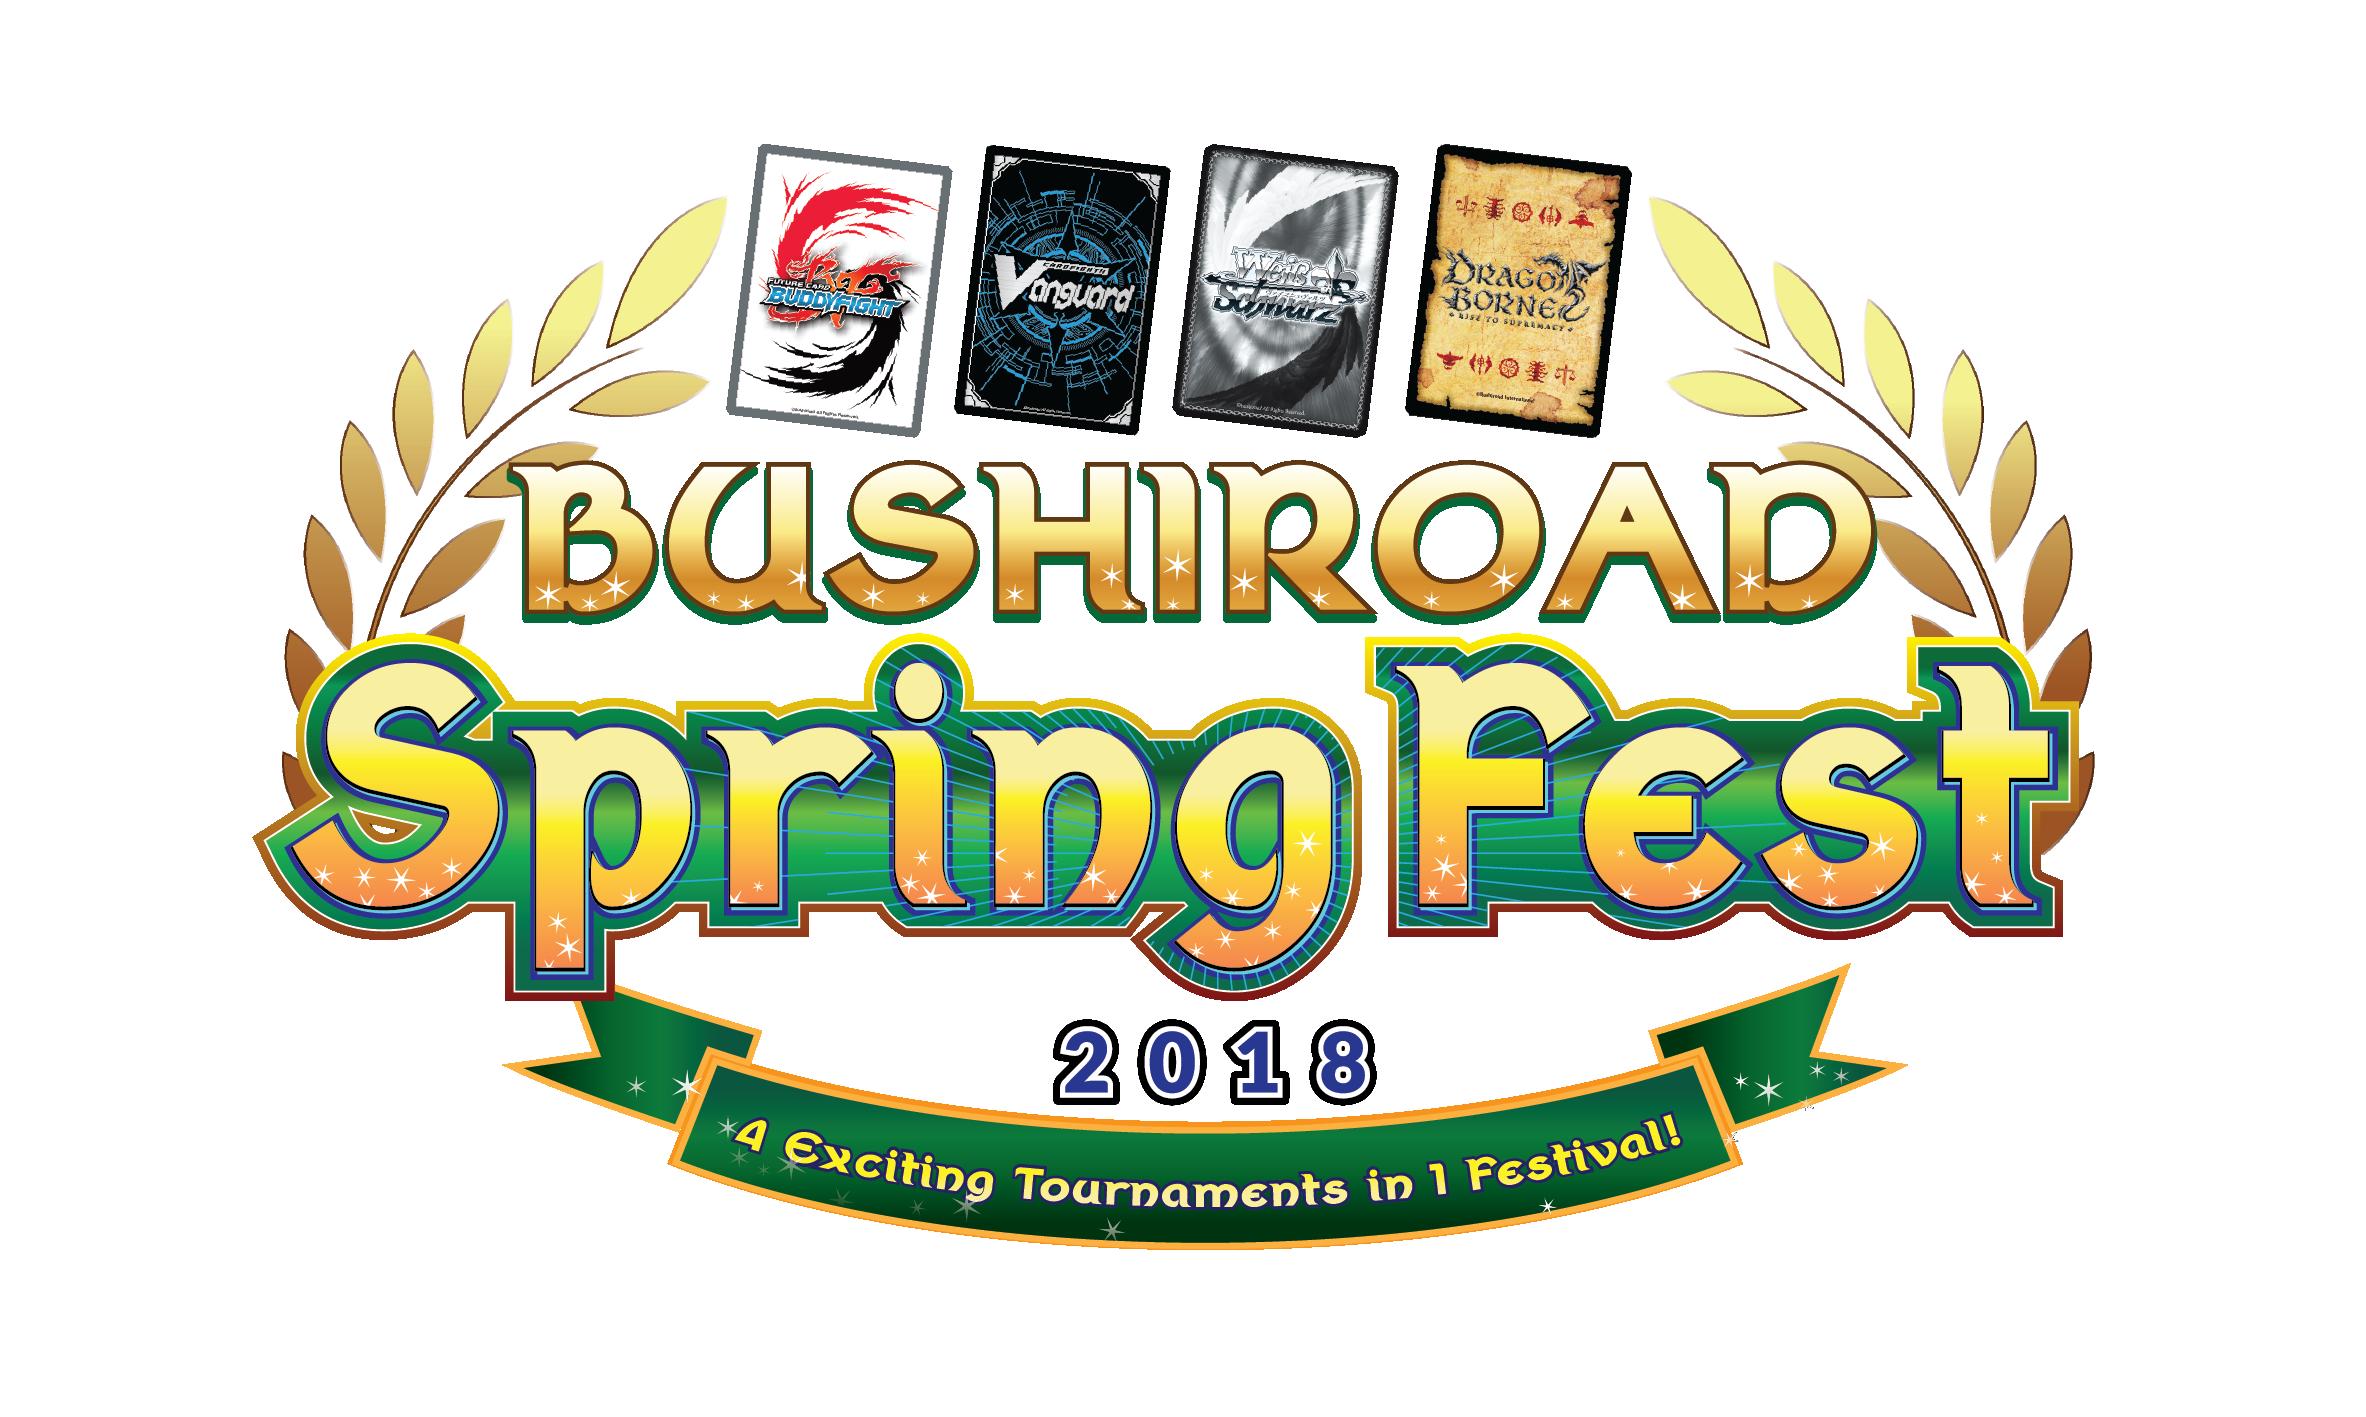 Bushiroad Spring Fest 2018